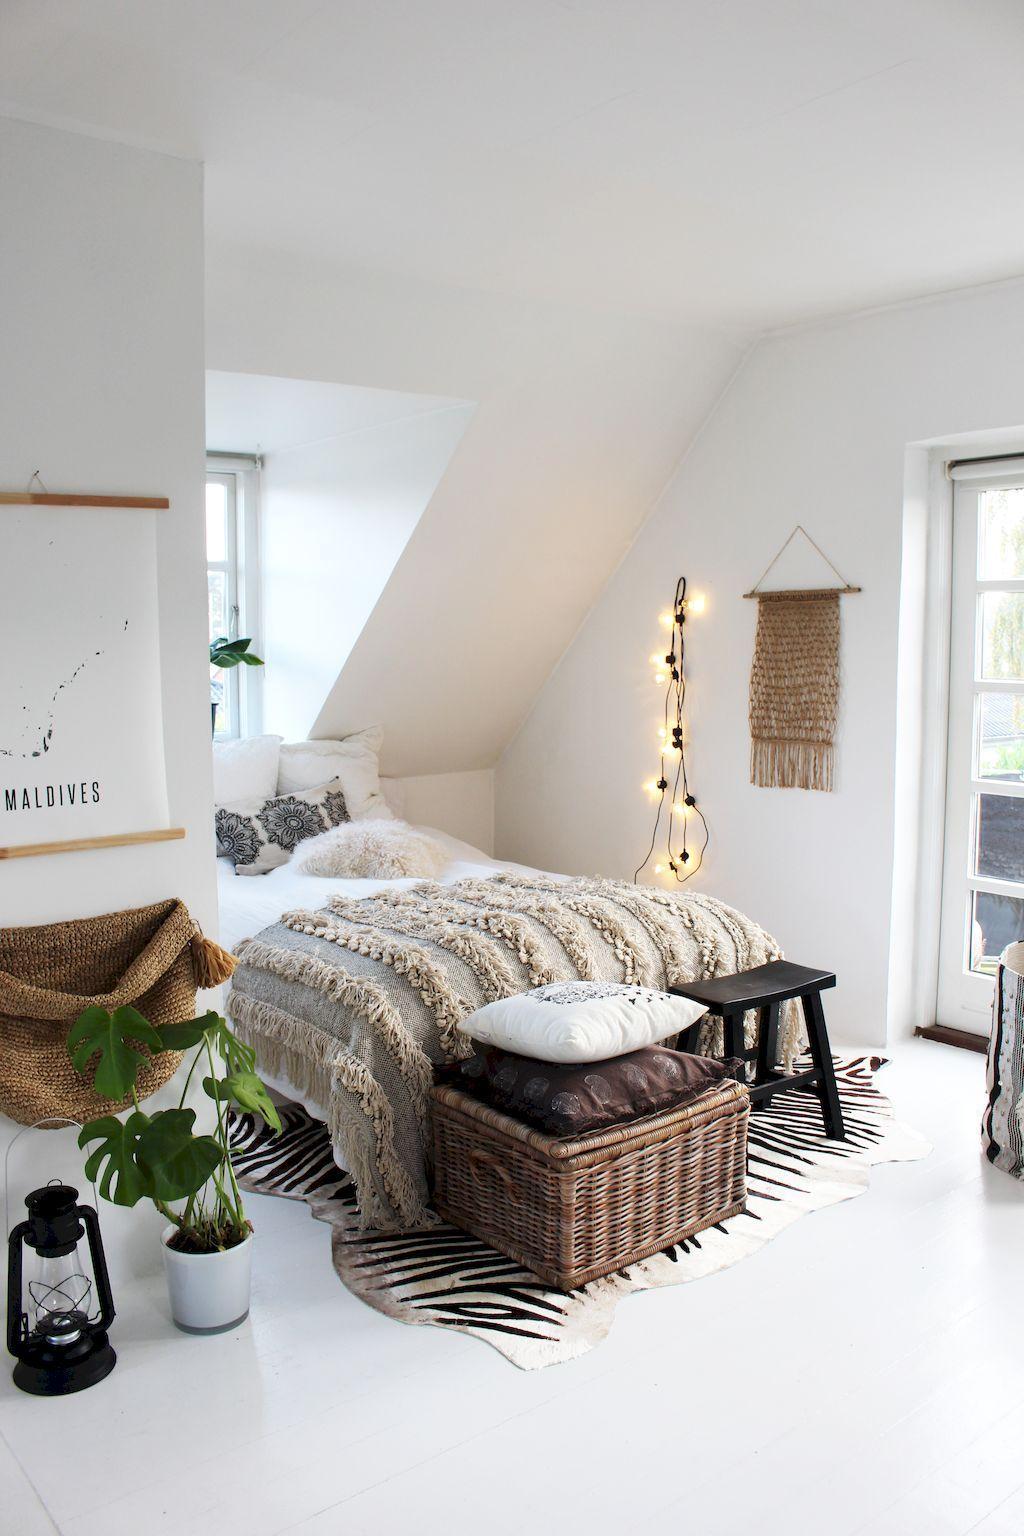 70 simple minimalist bohemian bedroom design on a budget ... on Boho Bedroom Ideas On A Budget  id=49372